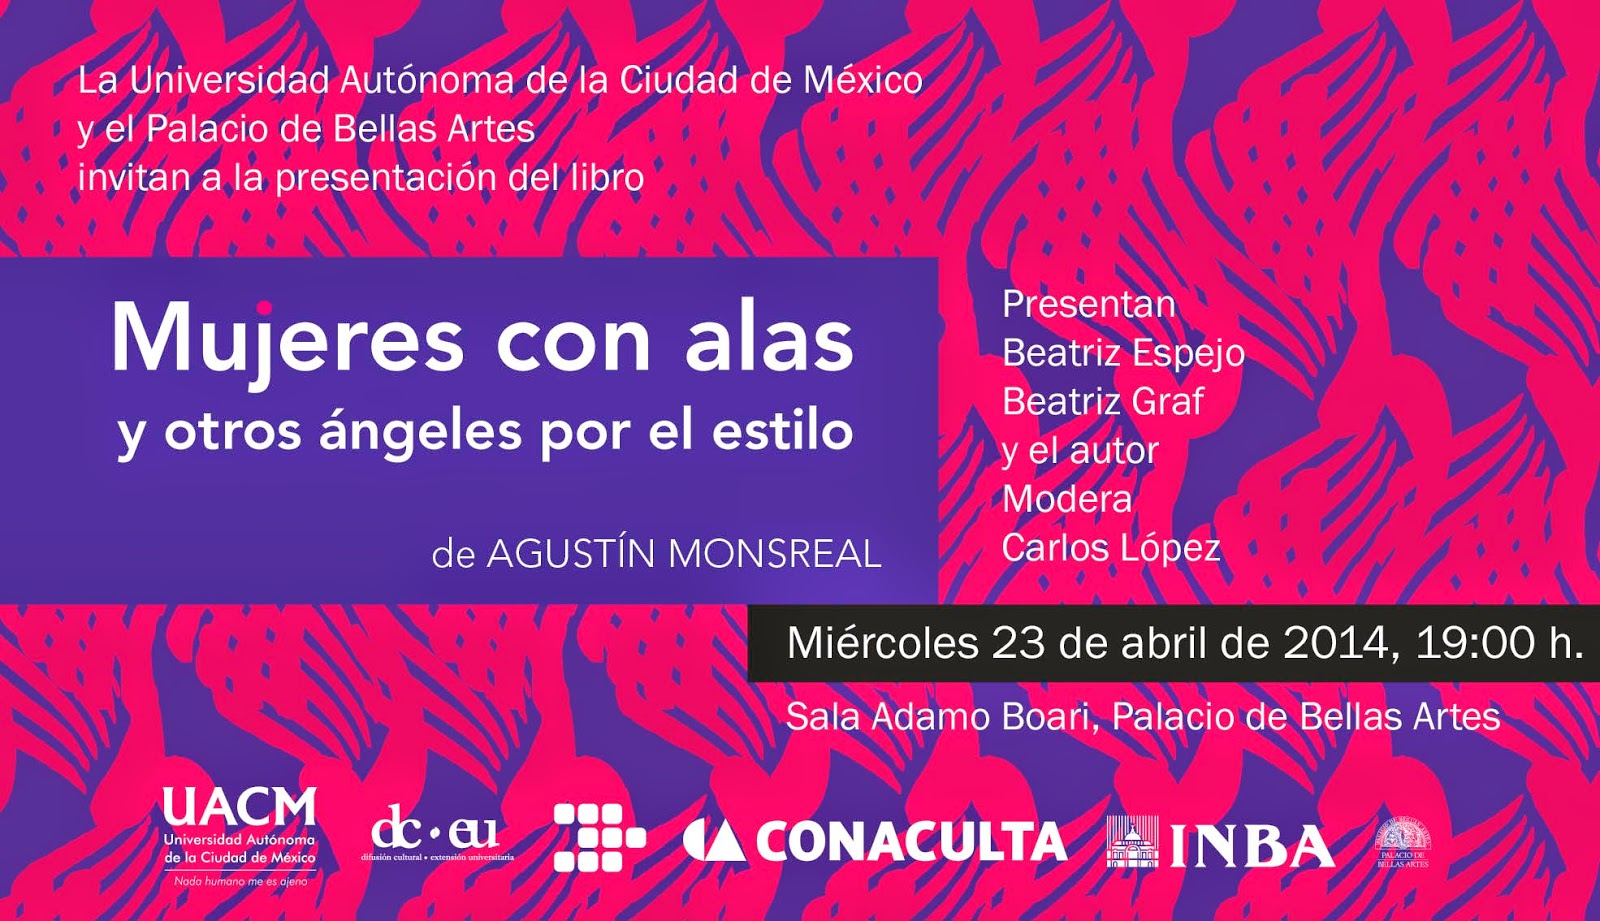 """Antología """"Mujeres con alas y otros ángeles por el estilo"""" del escritor Agustín Monsreal"""